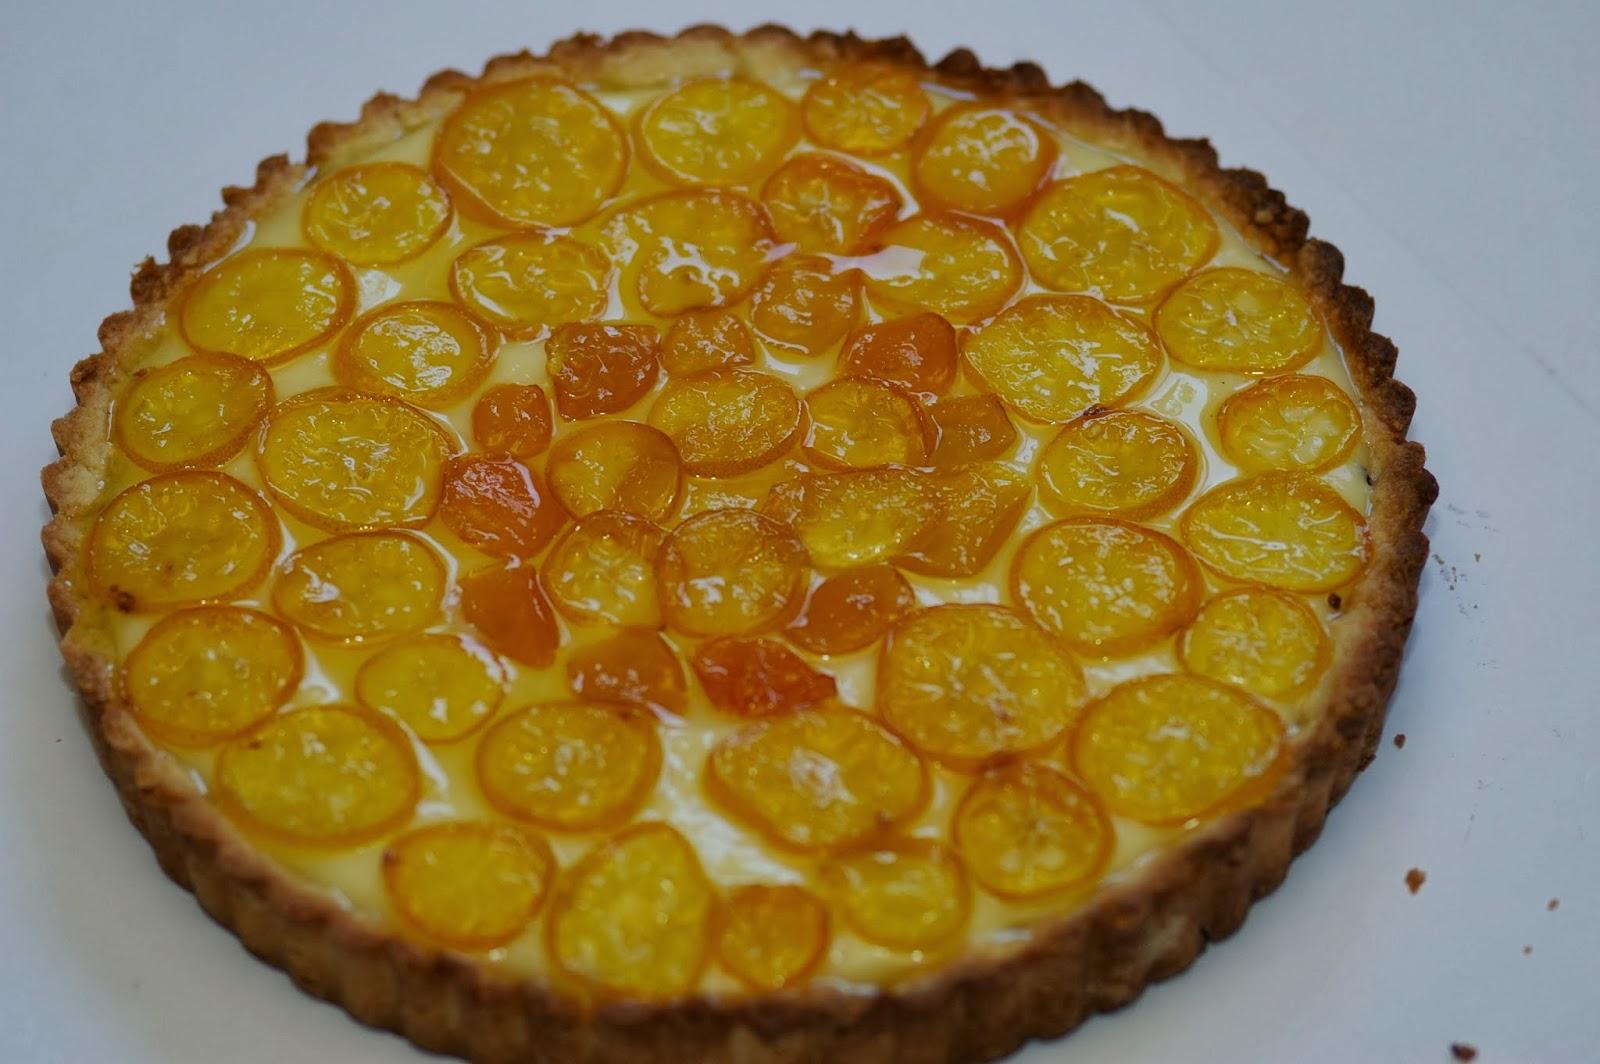 Vita: Candied Kumquat Tart